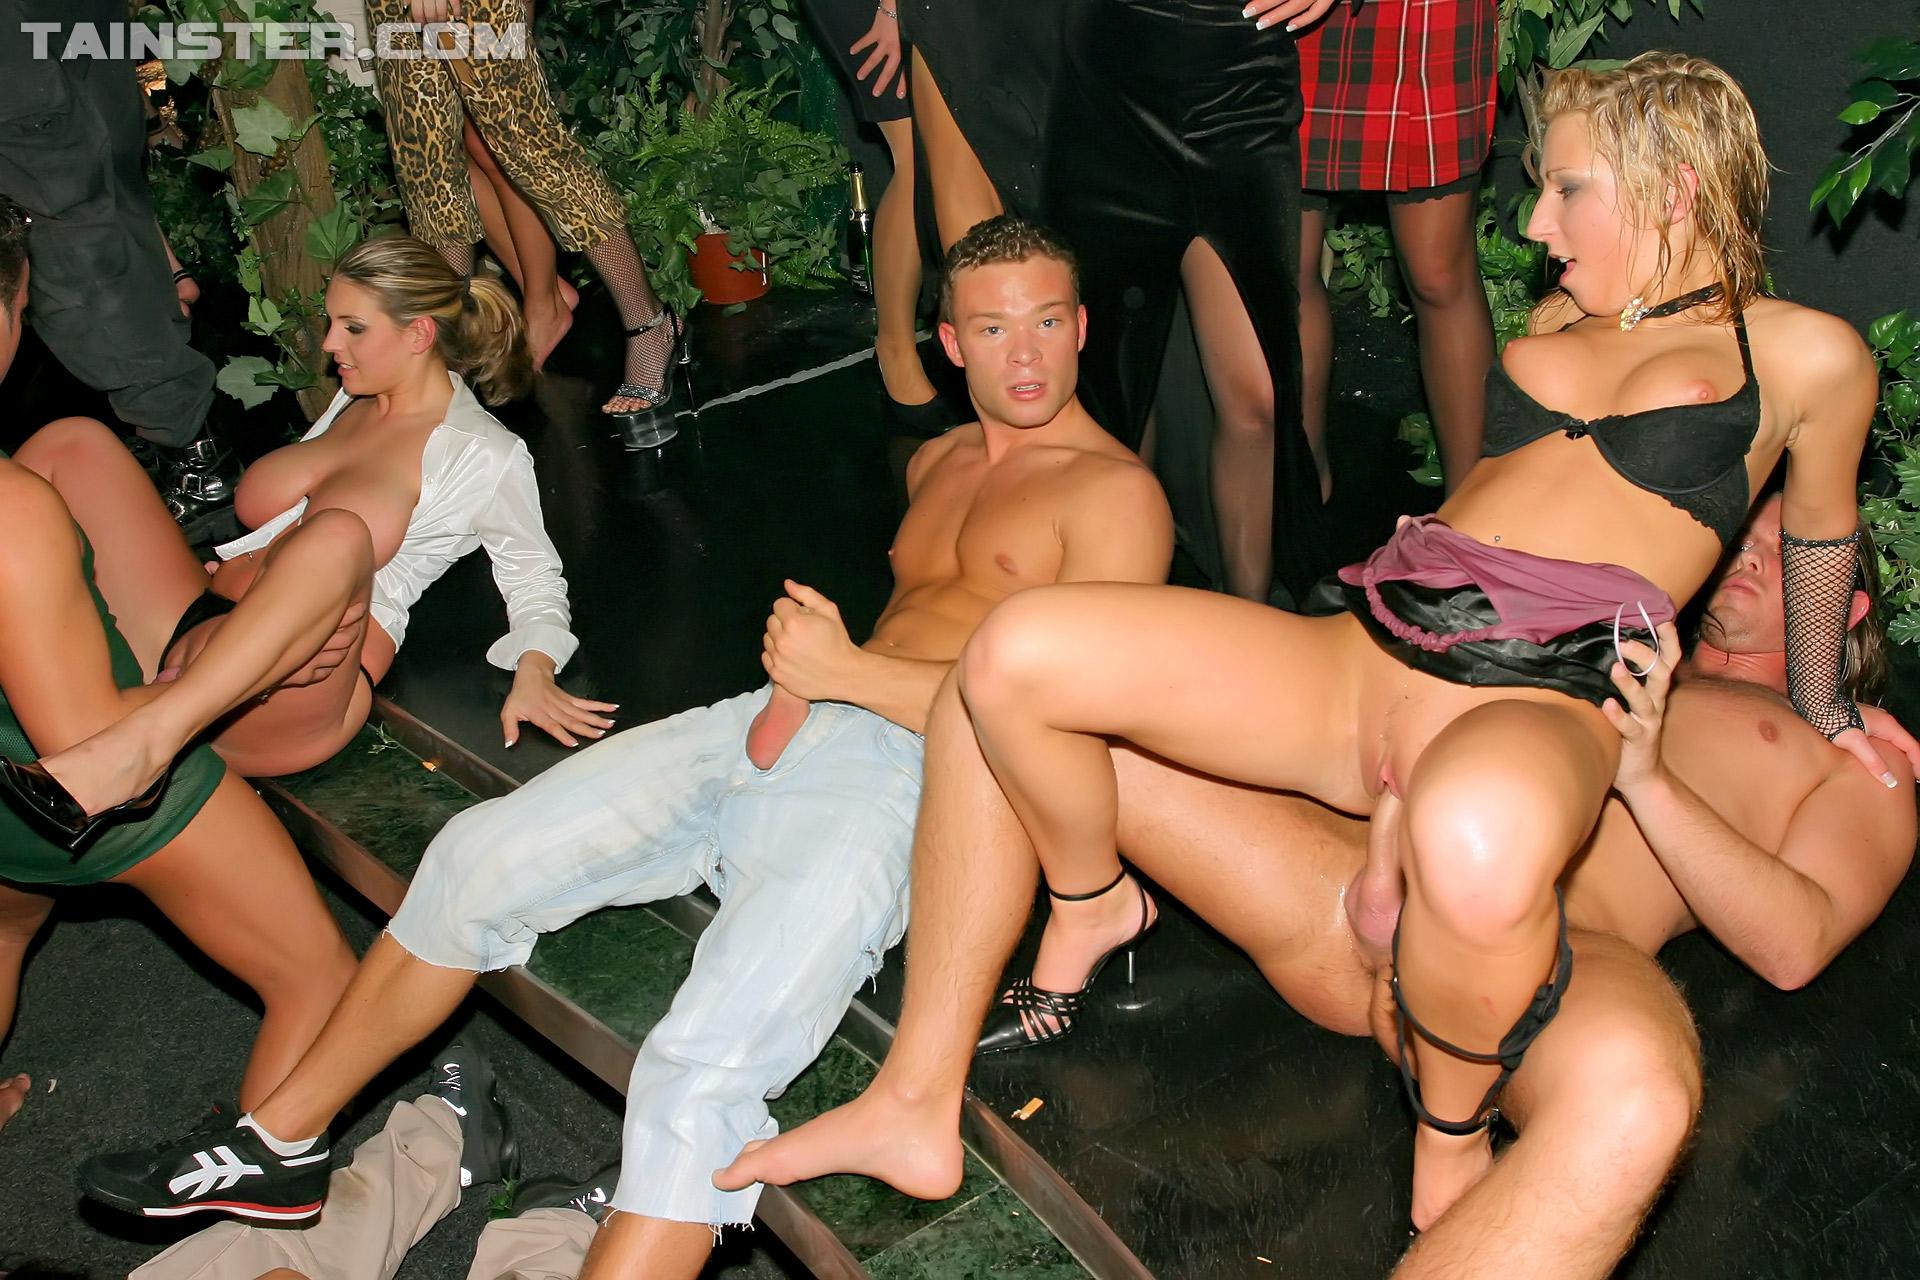 девушка бане экстремальное порно в клубах том, что произошло